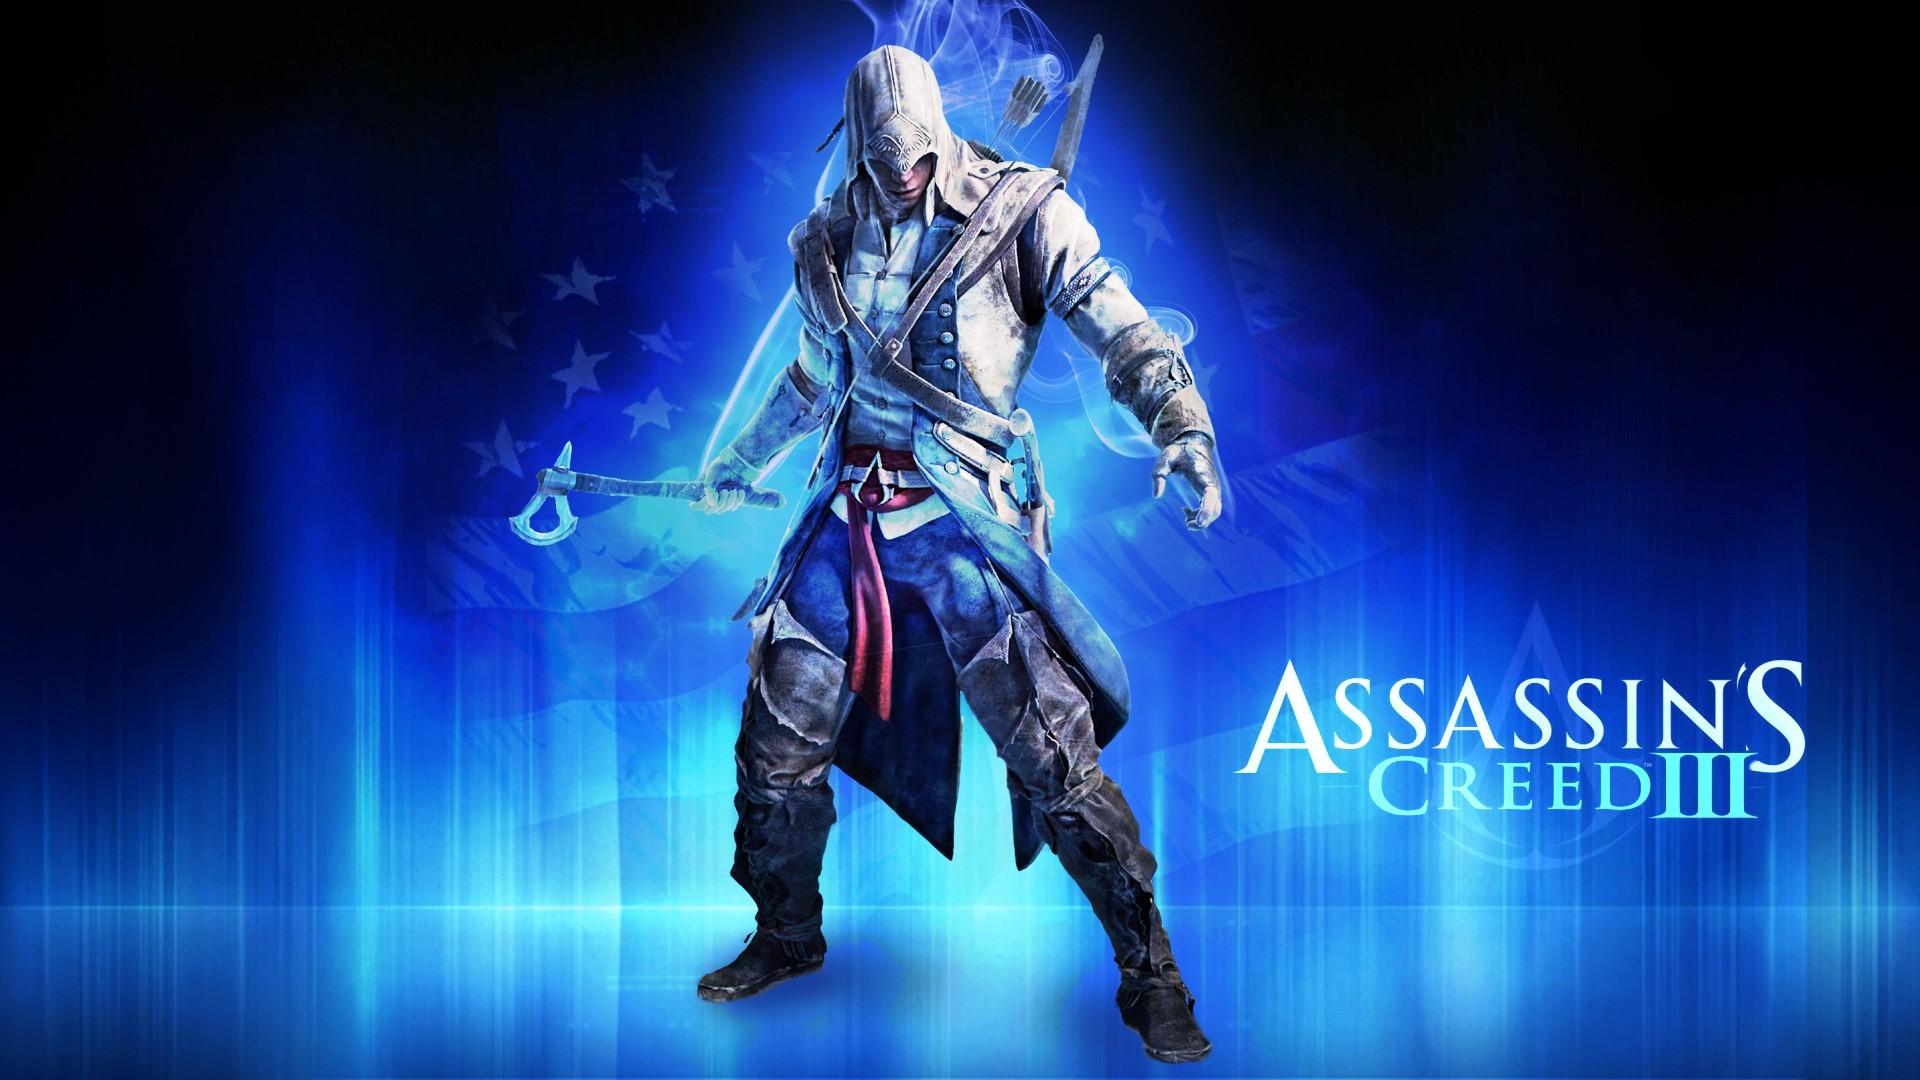 Video games blue assassin Assassins Creed Assassins Creed 3 fan